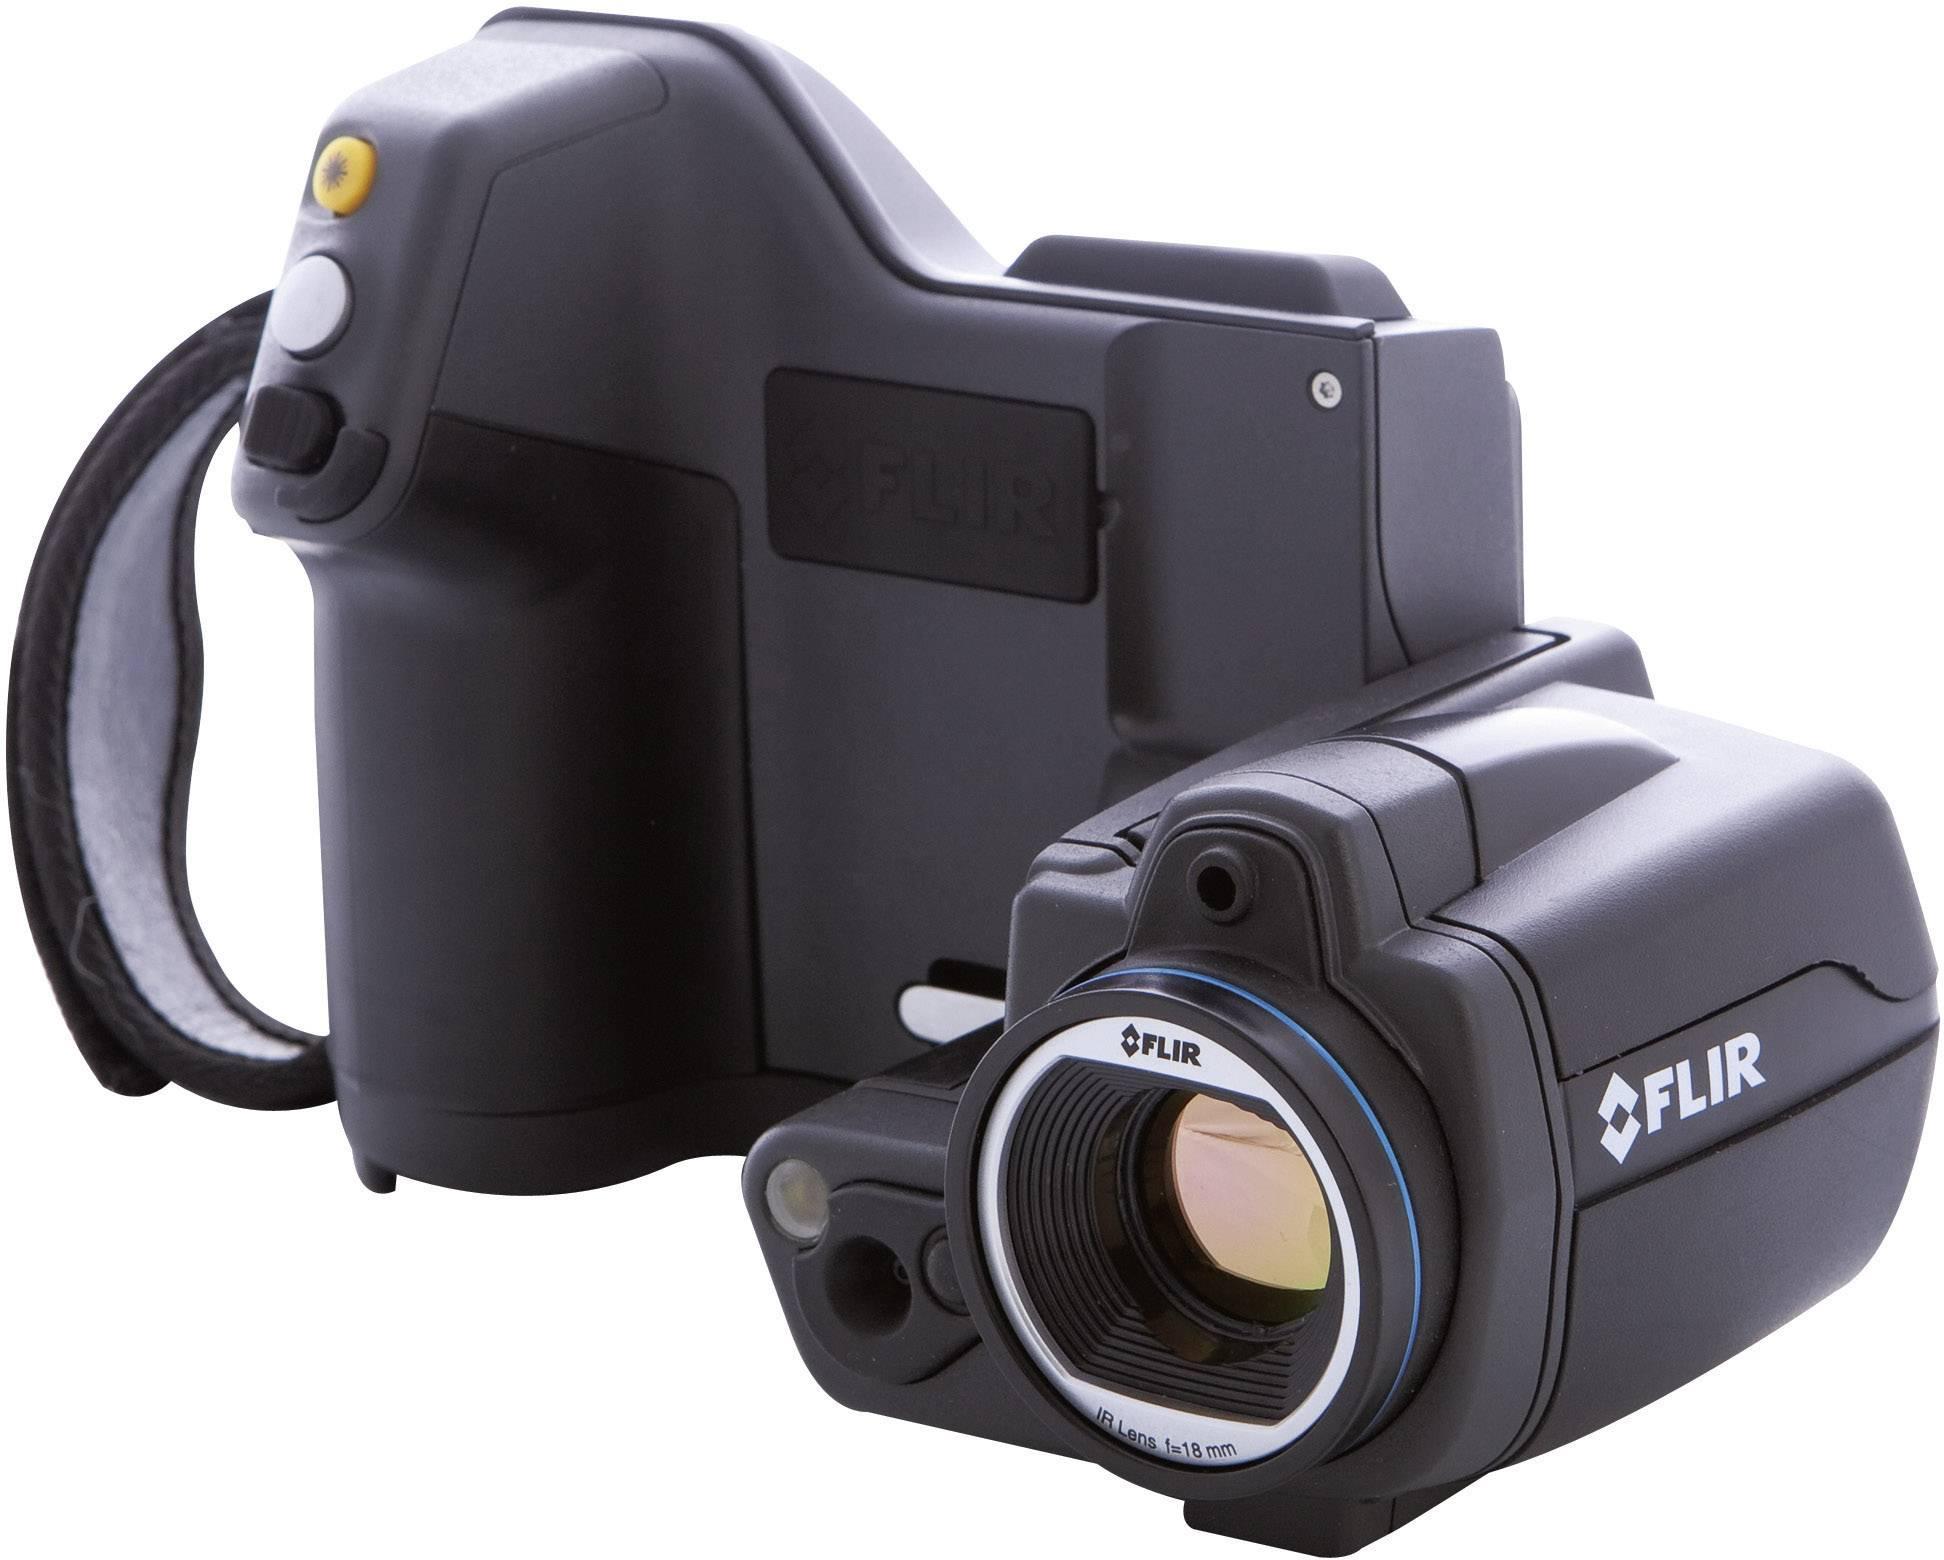 flir t440 high sensitivity infrared thermal imaging camera from rh conrad electronic co uk FLIR Camera T400 Camera FLIR T440